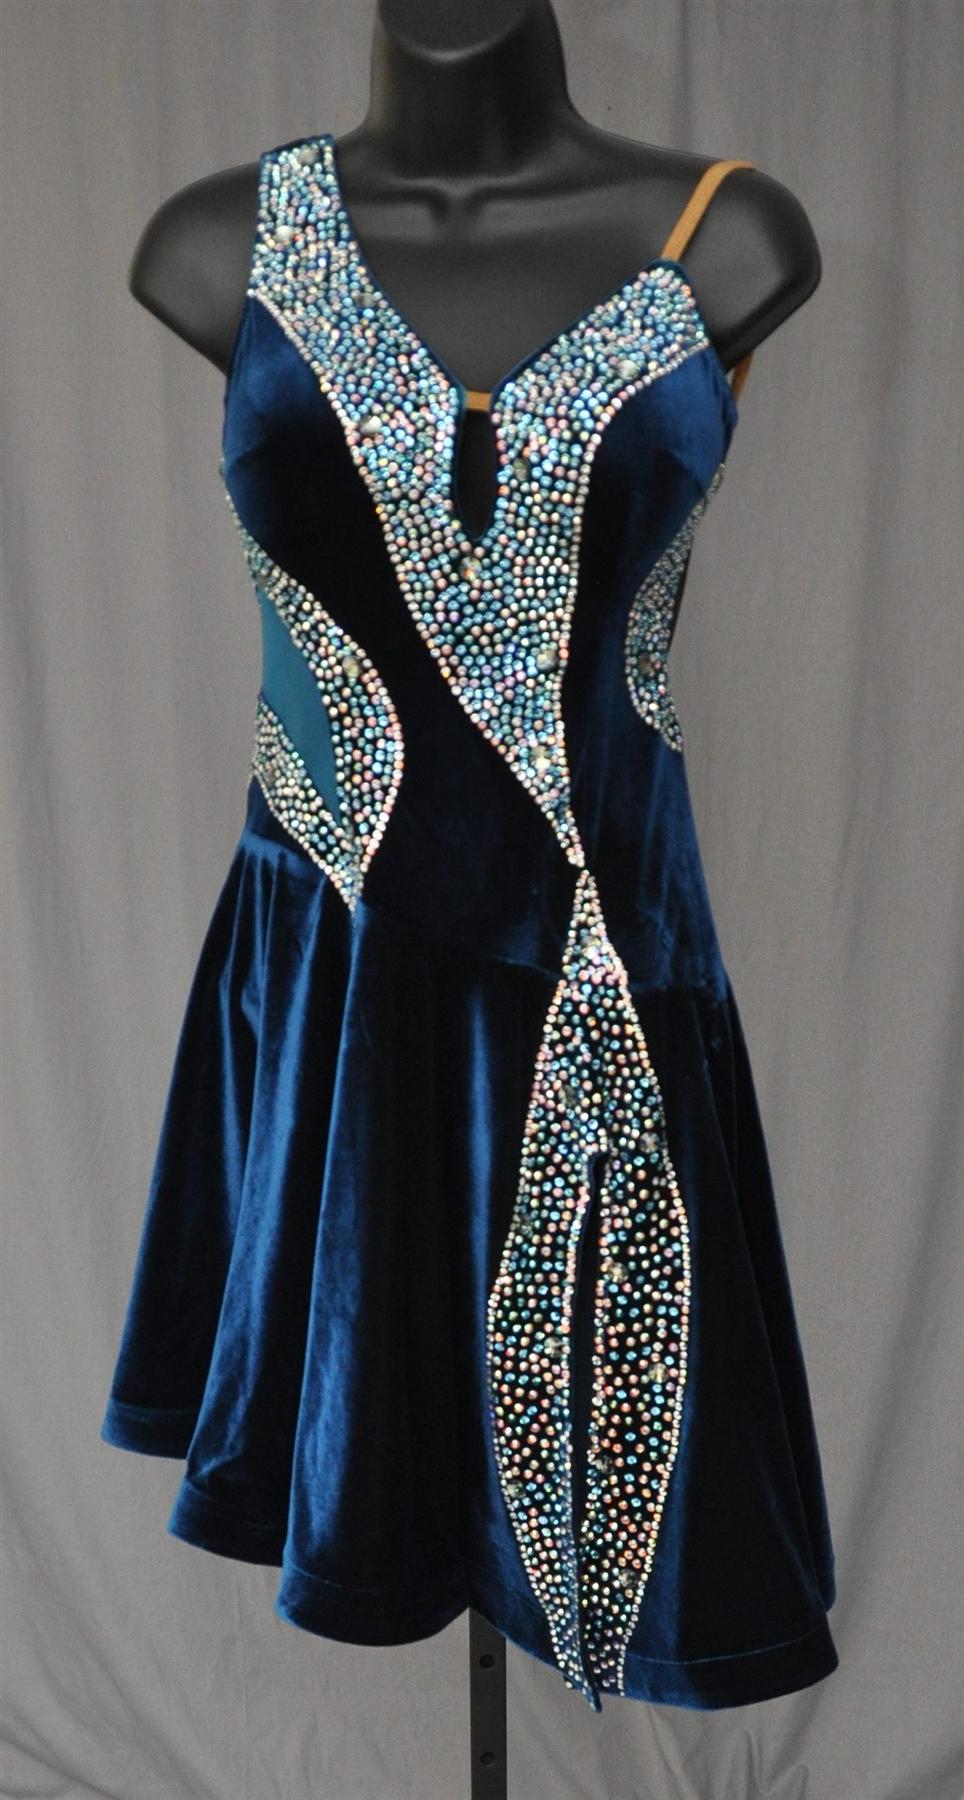 And Velvet Dresses Skirts